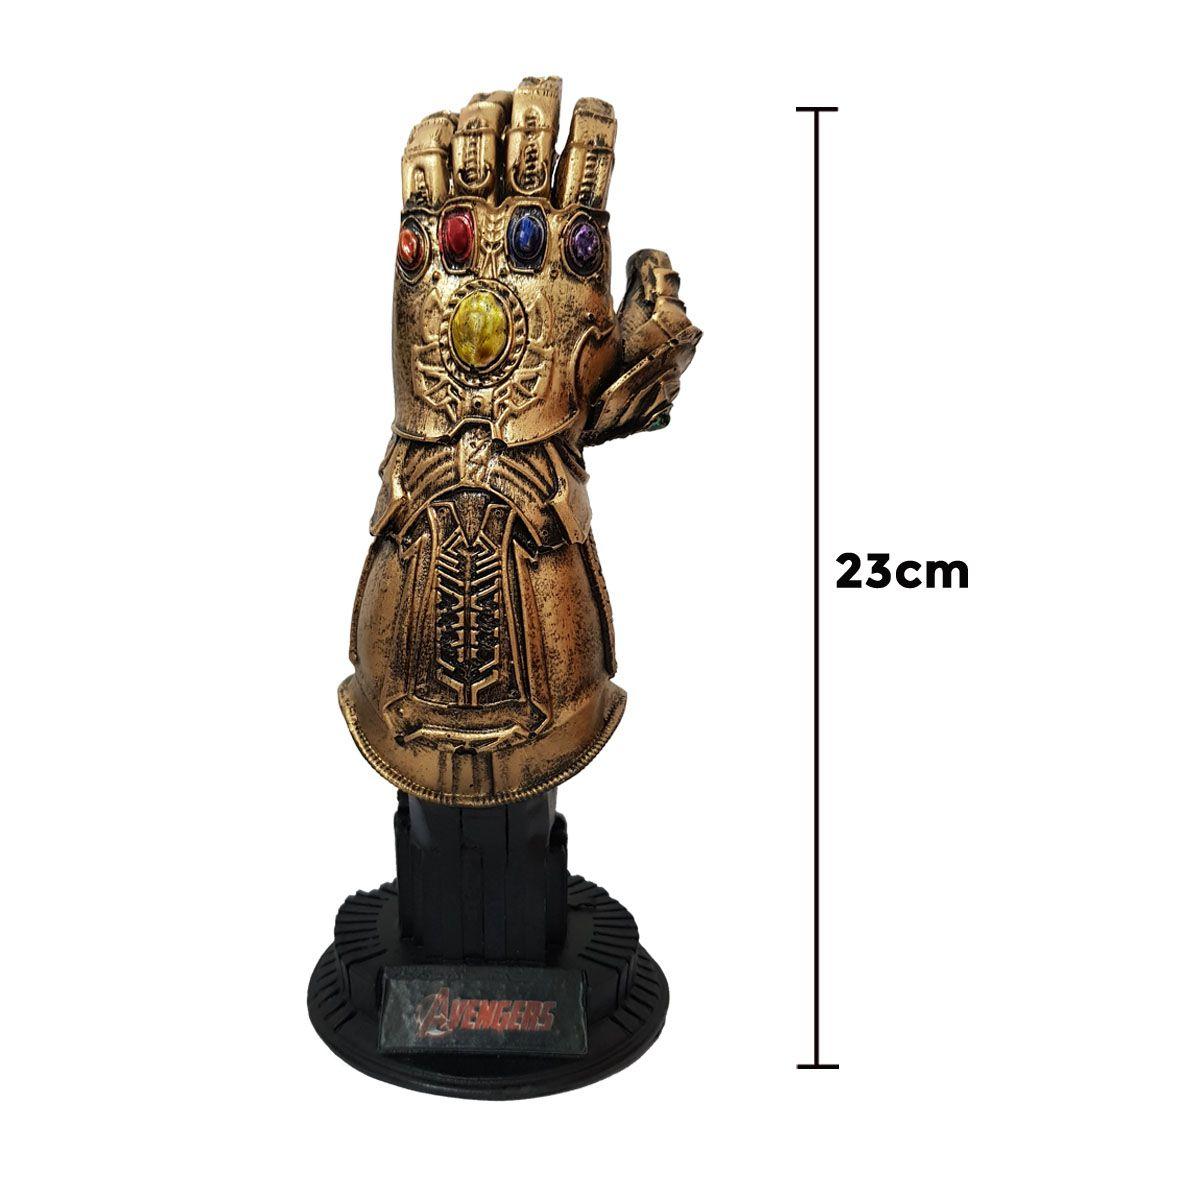 Manopla do Infinito Thanos 23cm em Resina